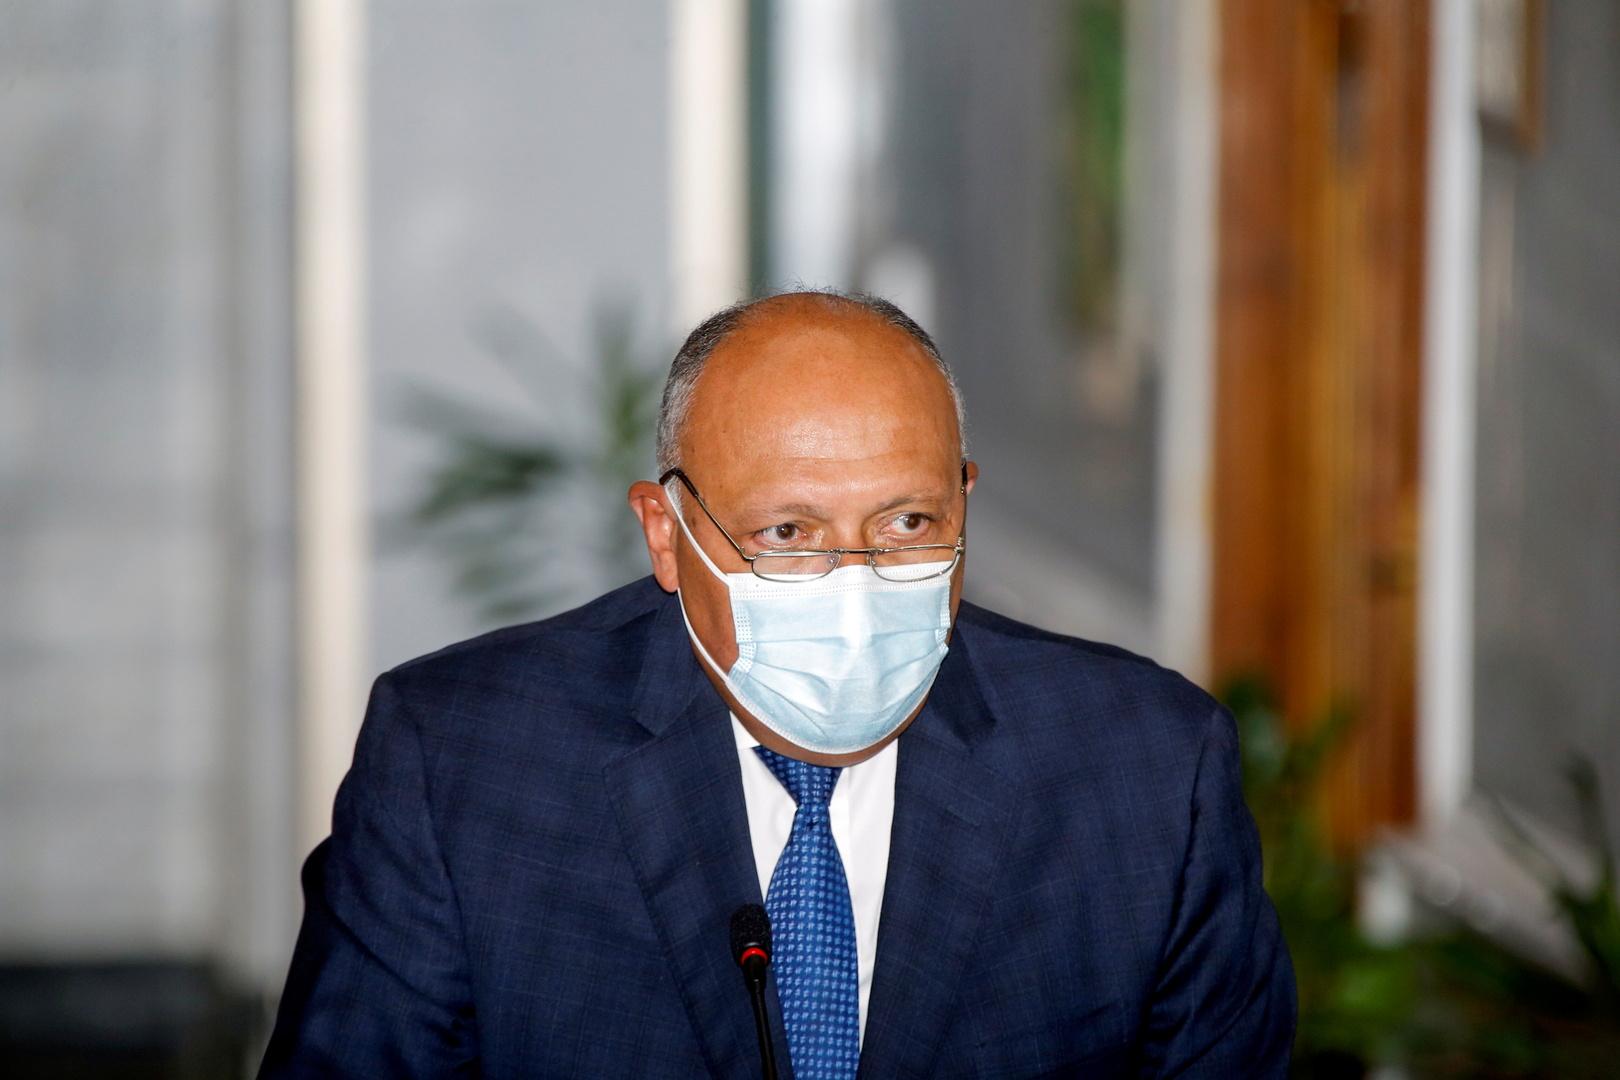 سامح شكري: مصر ستتحرك إذا لحق بها أي ضرر مائي جراء سد النهضة ولدينا سيناريوهات مختلفة